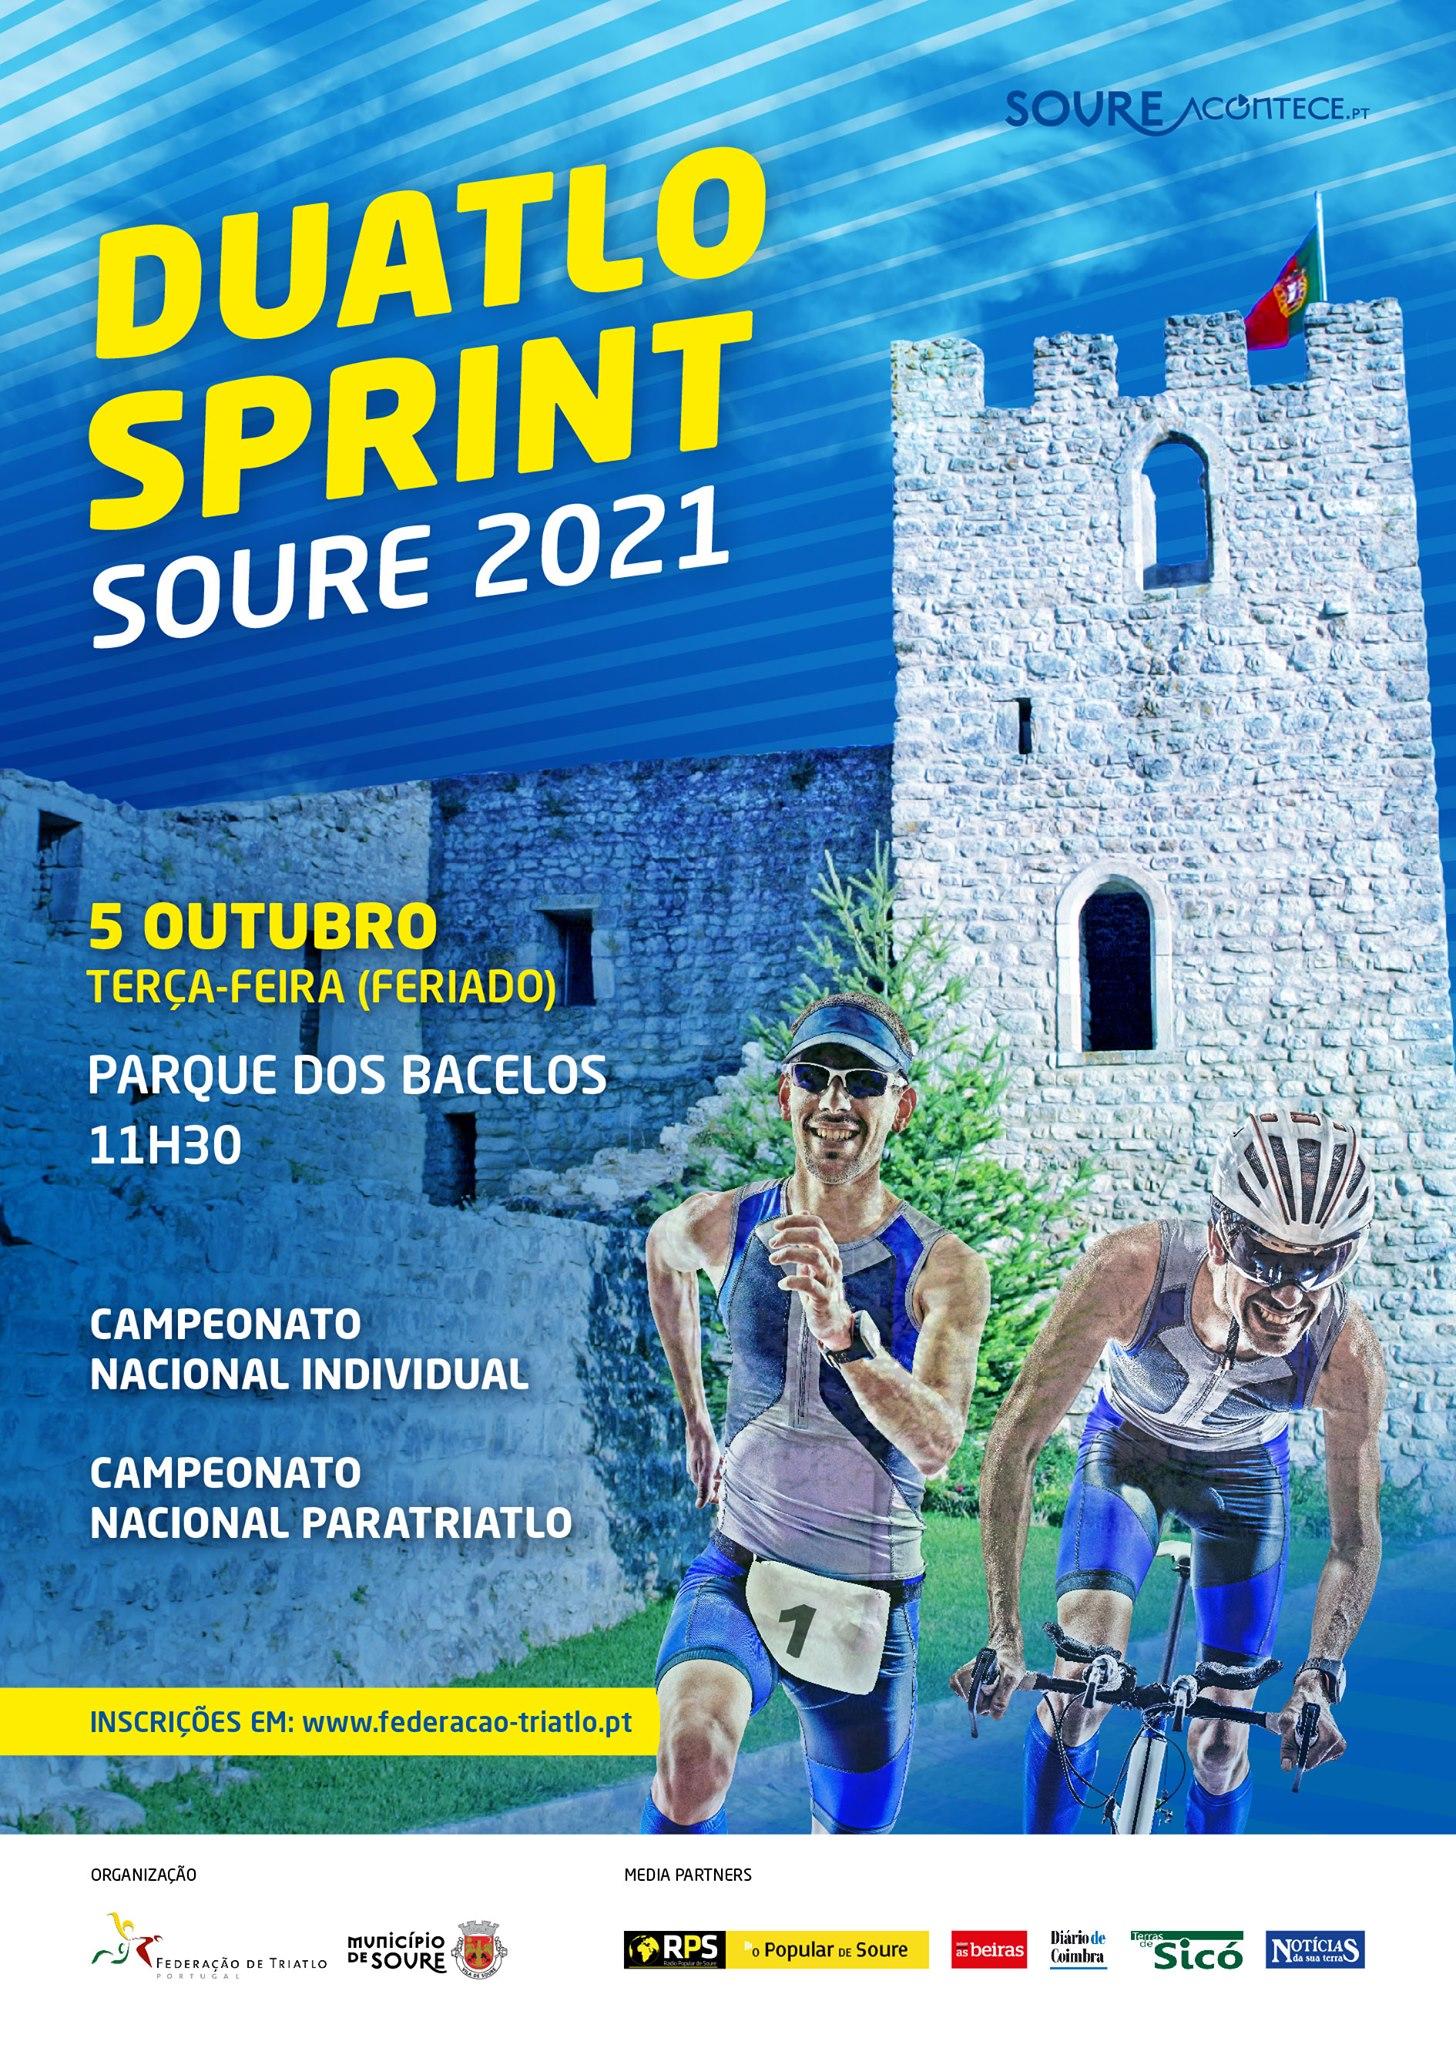 Soure Acolhe Prova Nacional De Duatlo Sprint No Feriado De 5 Outubro